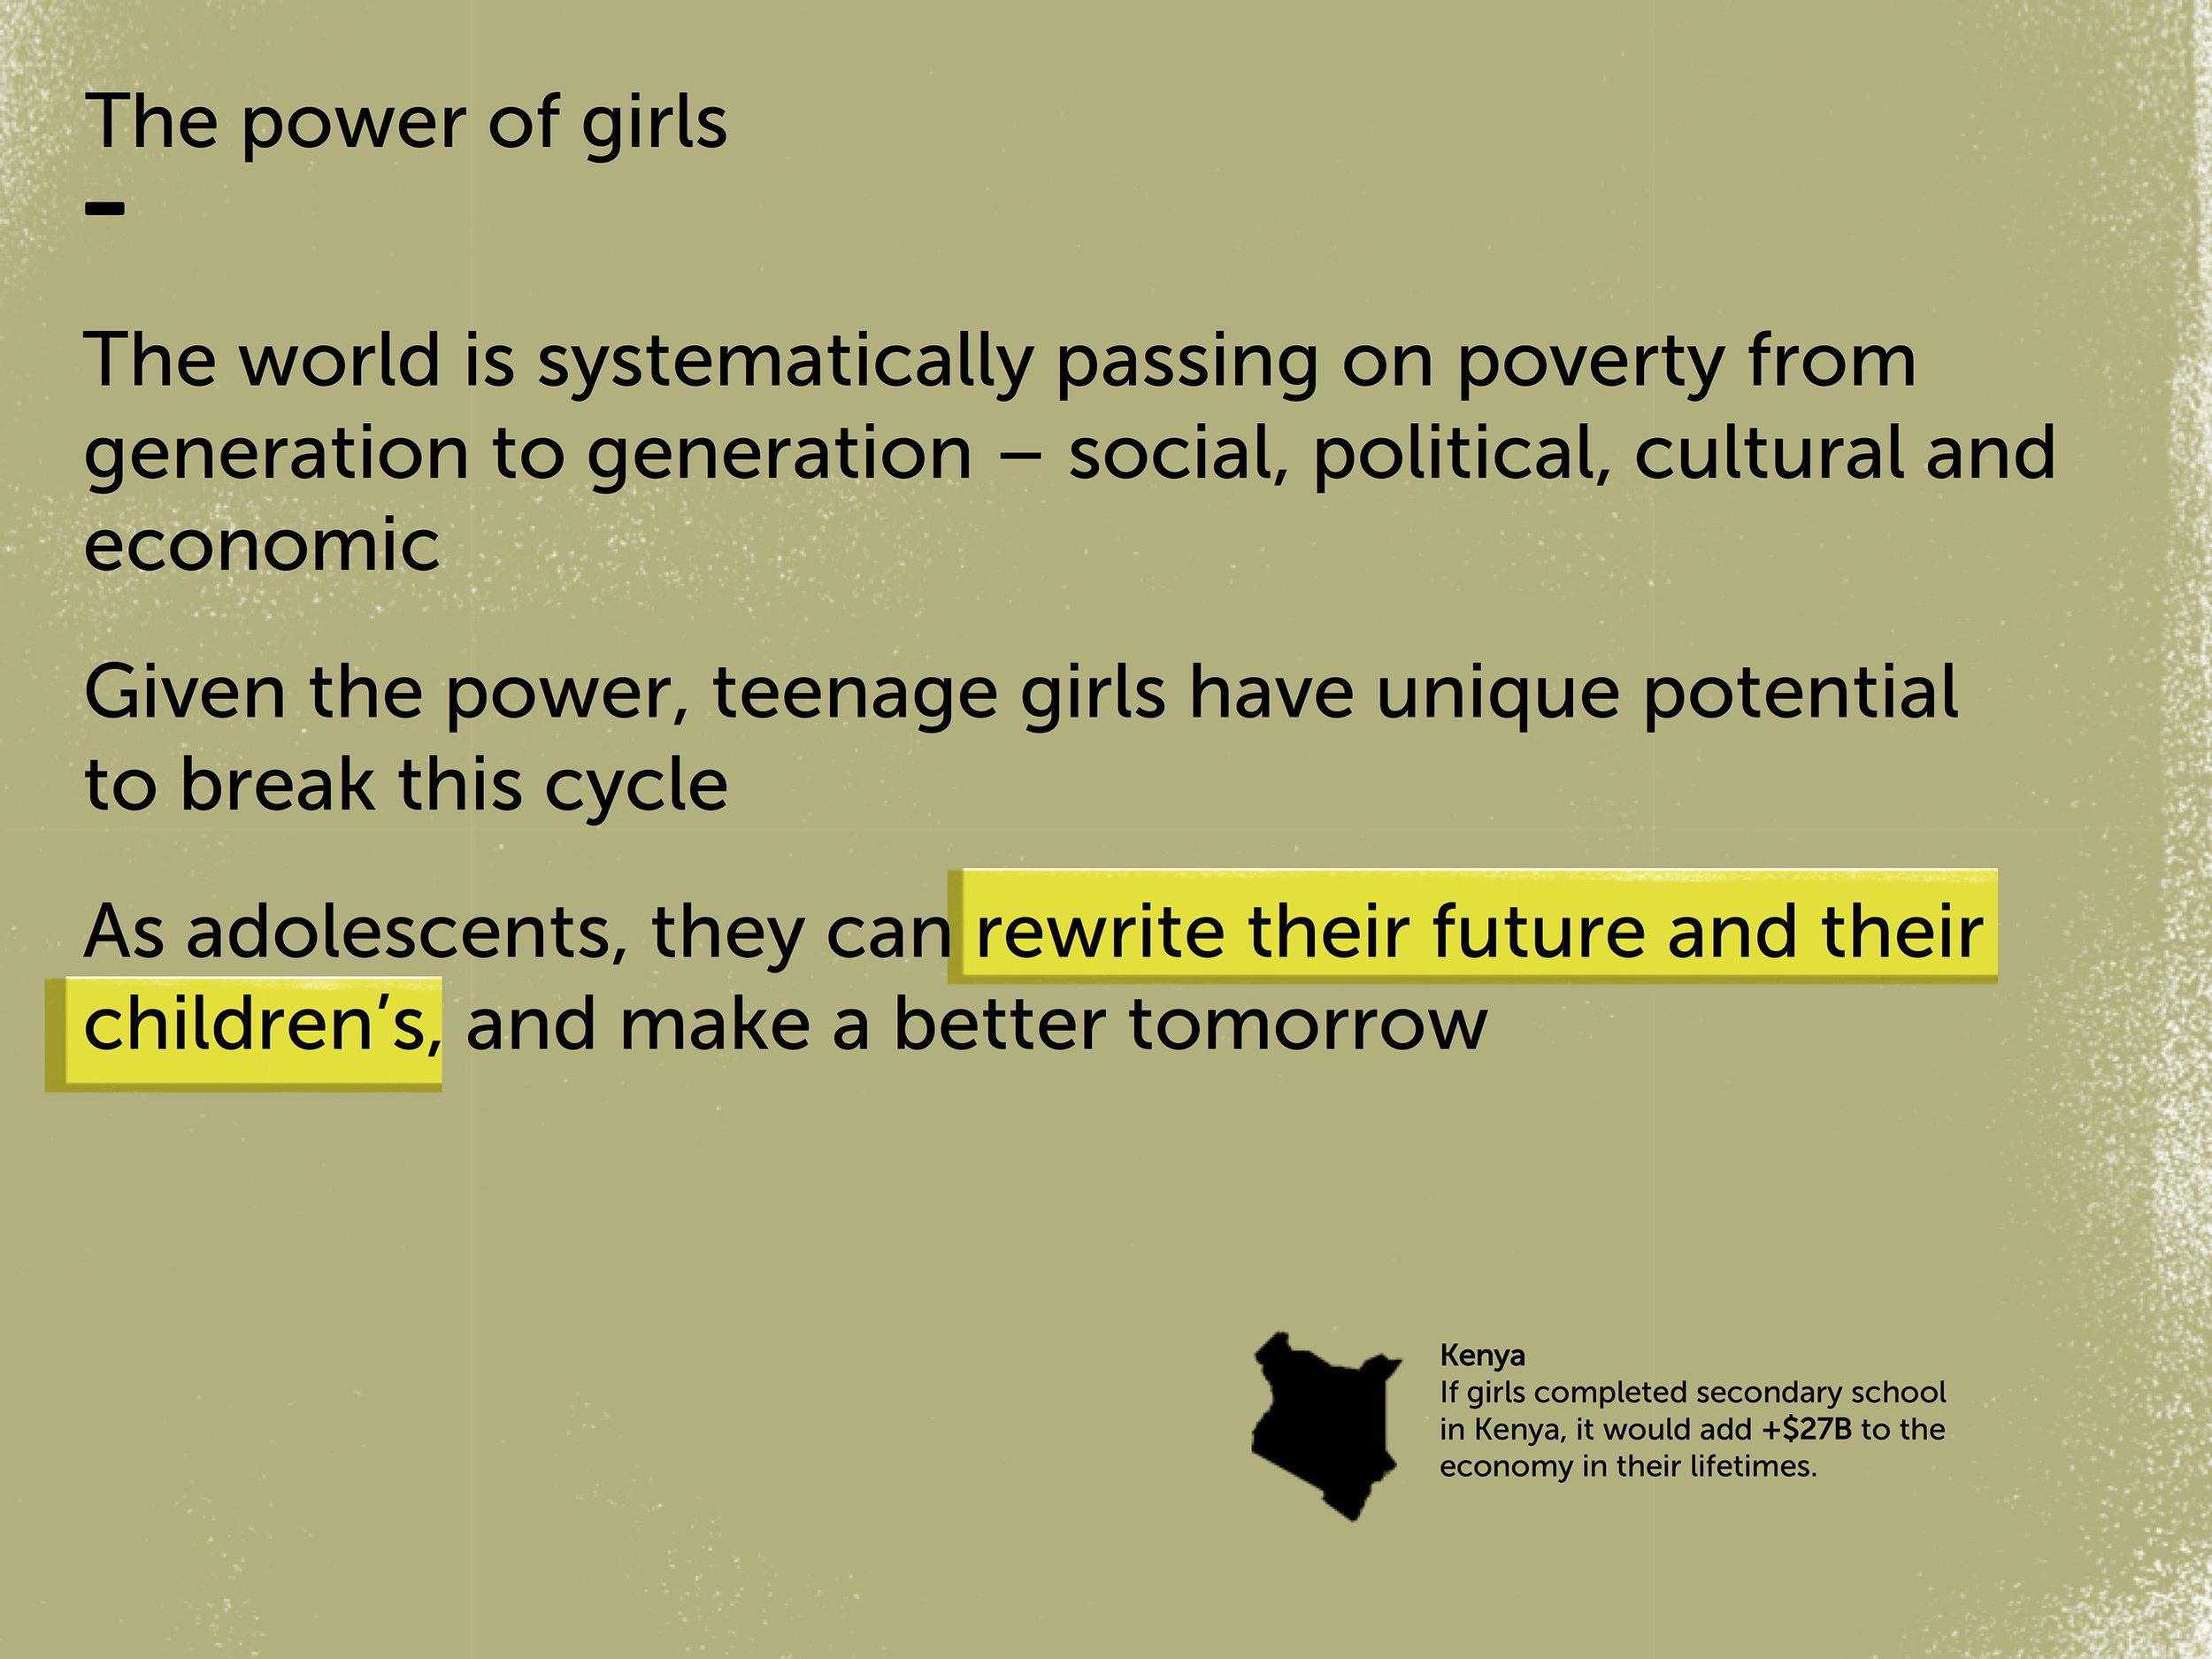 the power of girls.jpg